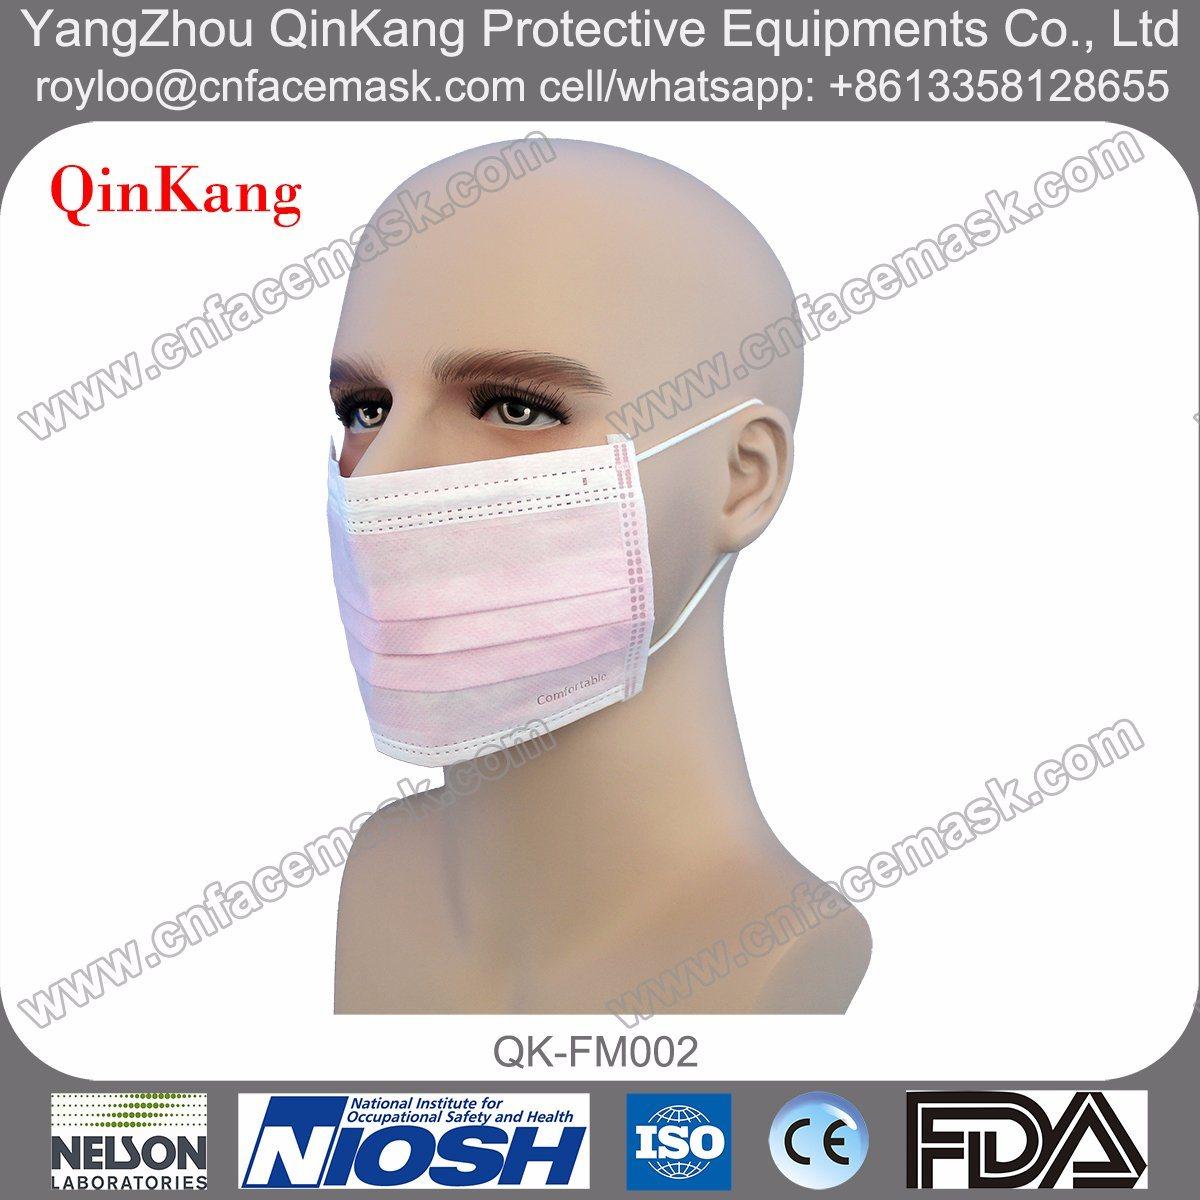 Disposable 3 Ply Non-Woven Medical Face Mask with FDA